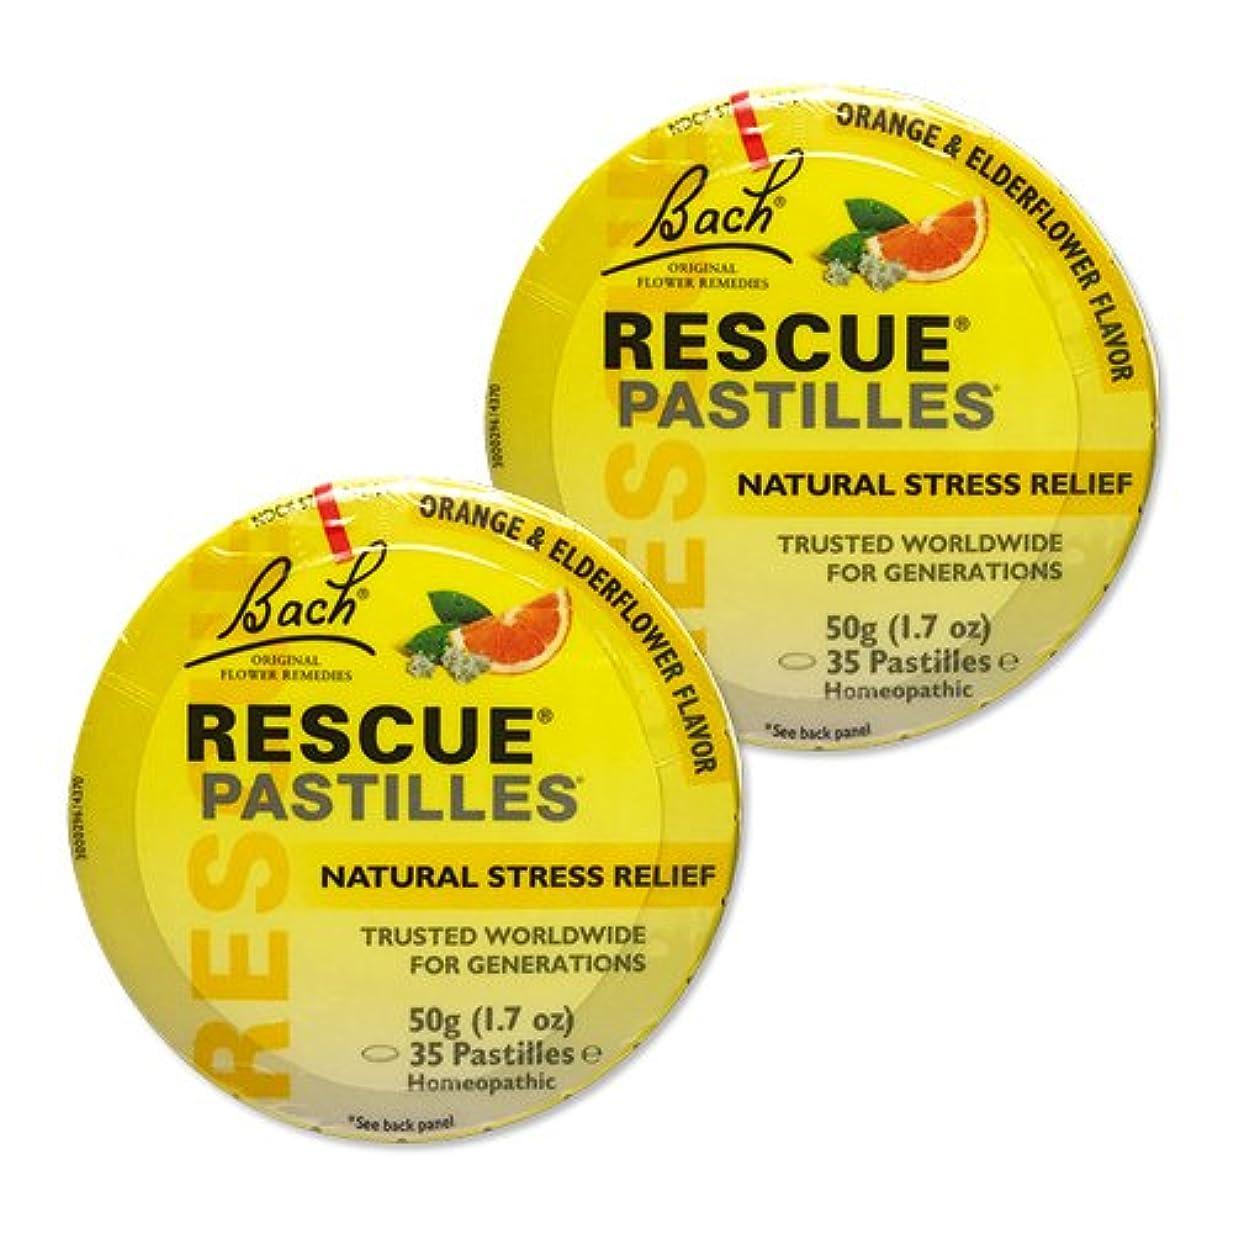 感度パレード蒸発【2個セット】 [海外直送品]バッチフラワー レスキューレメディー パステル(オレンジ) Rescue Pastilles: For Occasional...